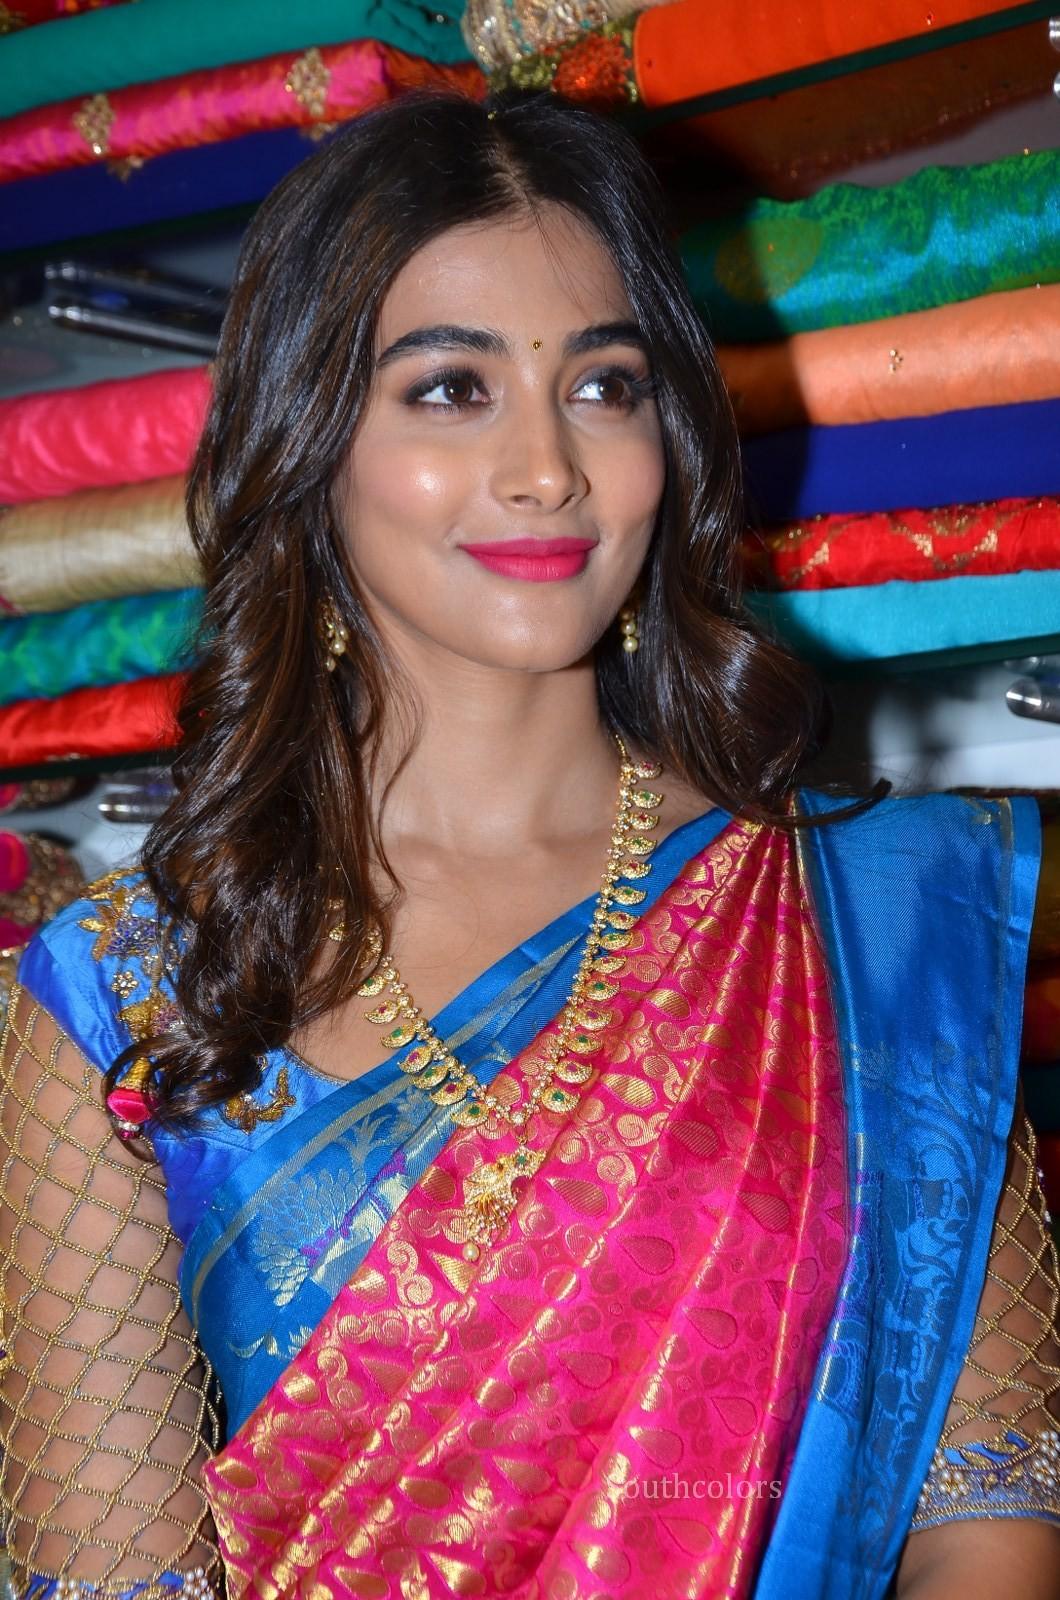 pooja hegde traditional saree photos southcolors 9